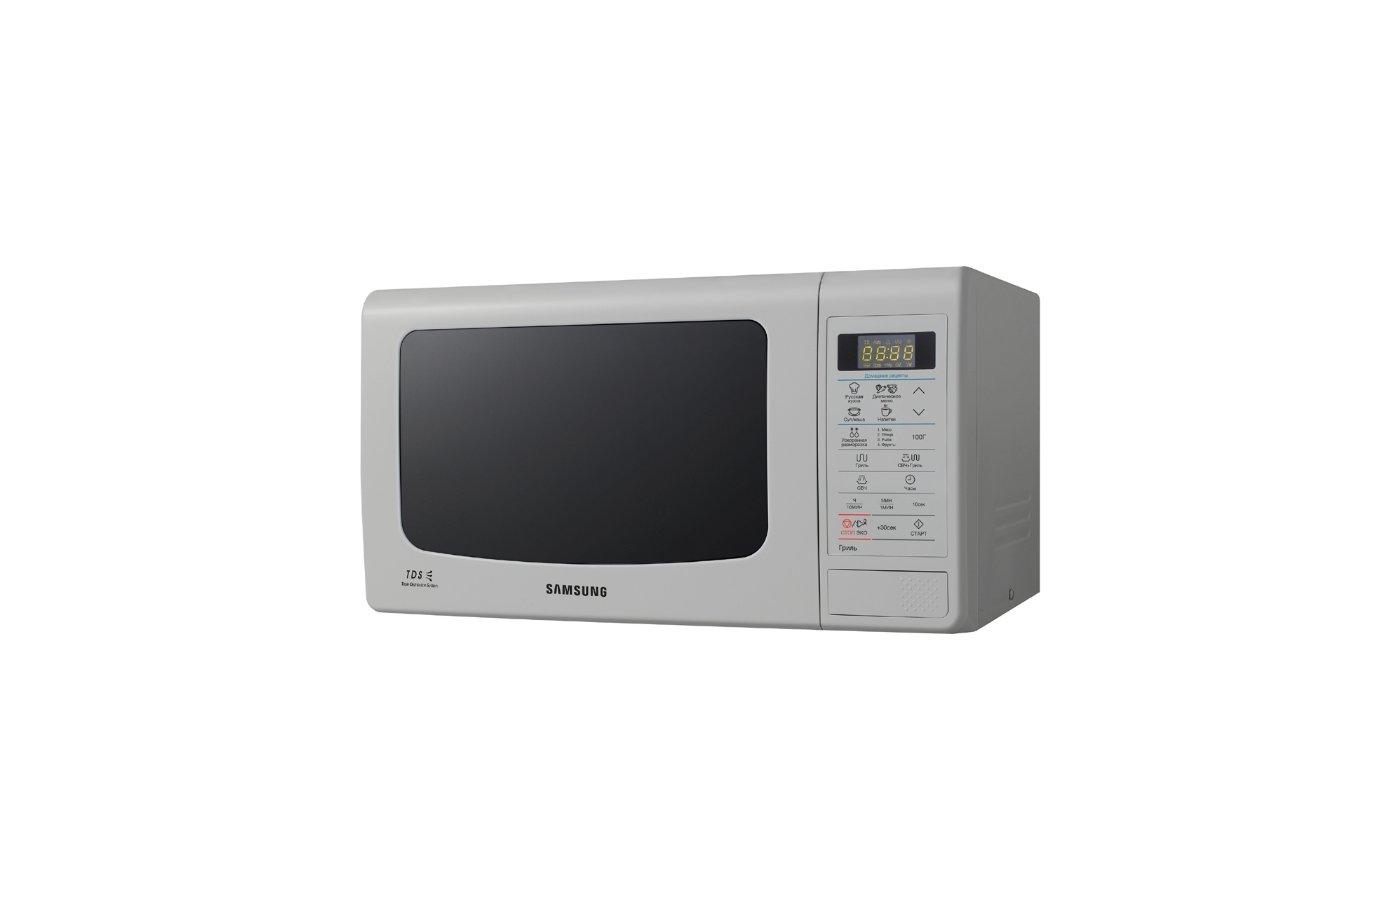 Микроволновая печь SAMSUNG GE-83 KRS-3